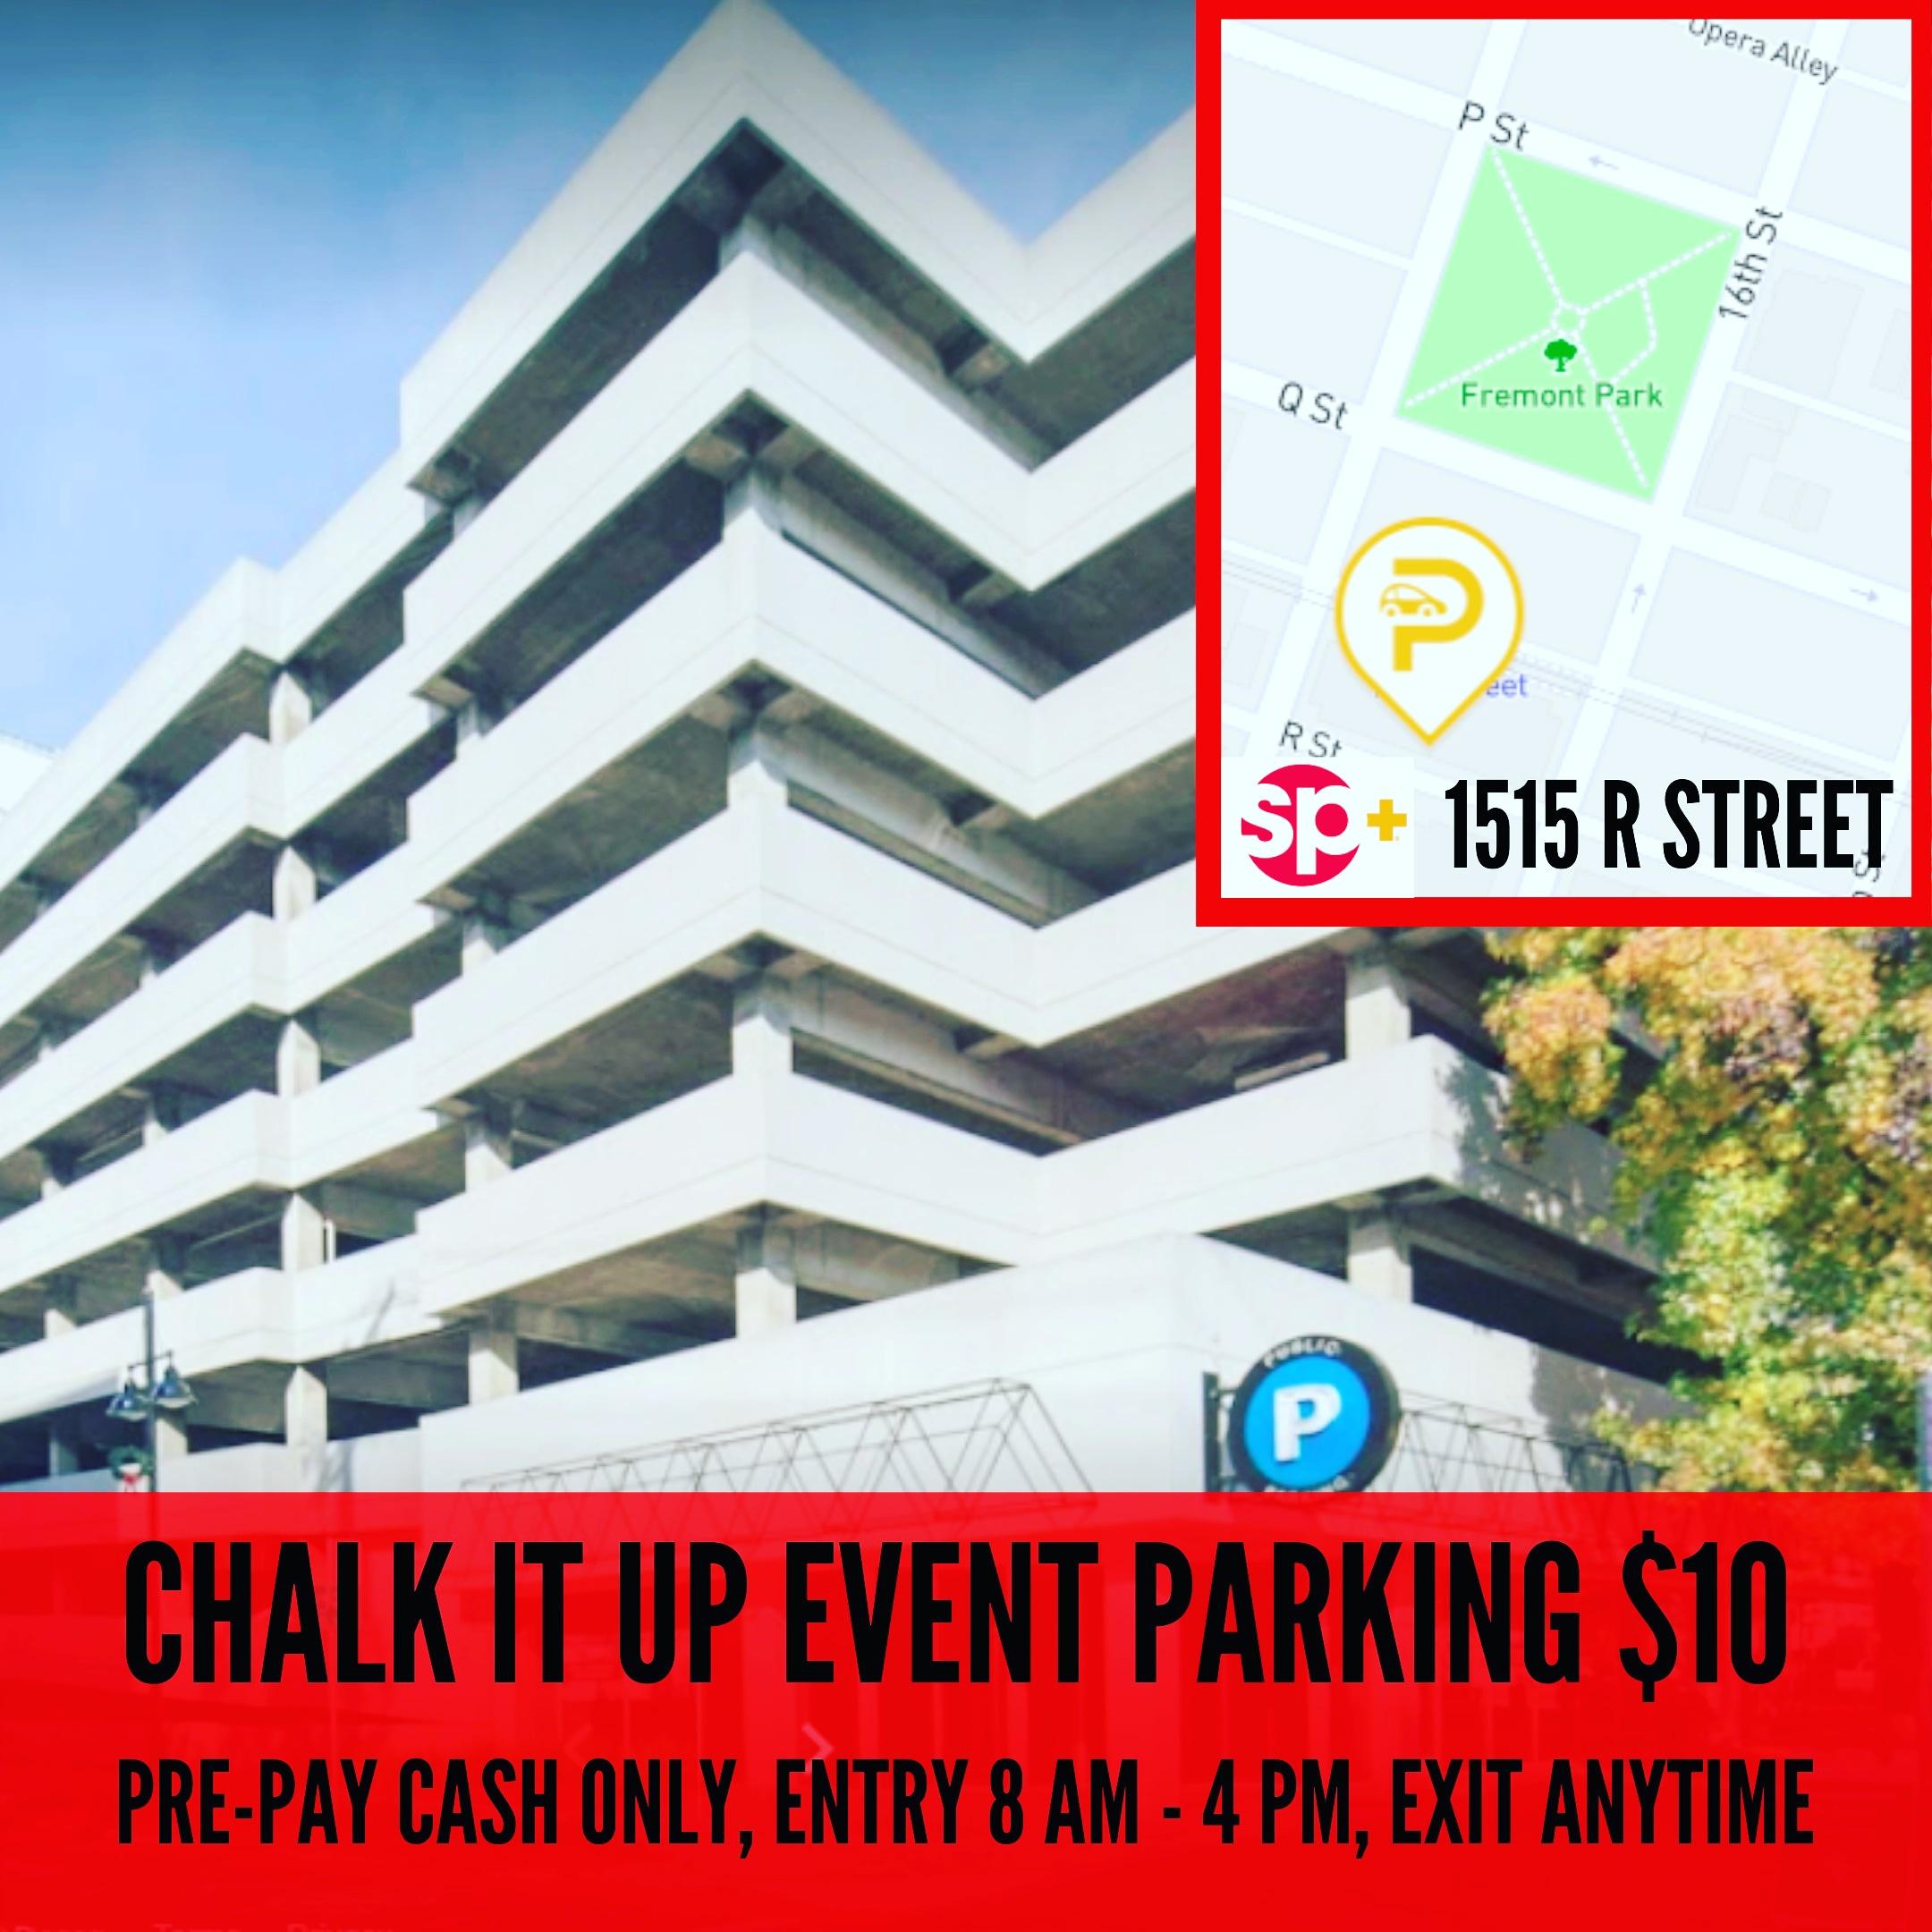 chalk it up parking $10 banner